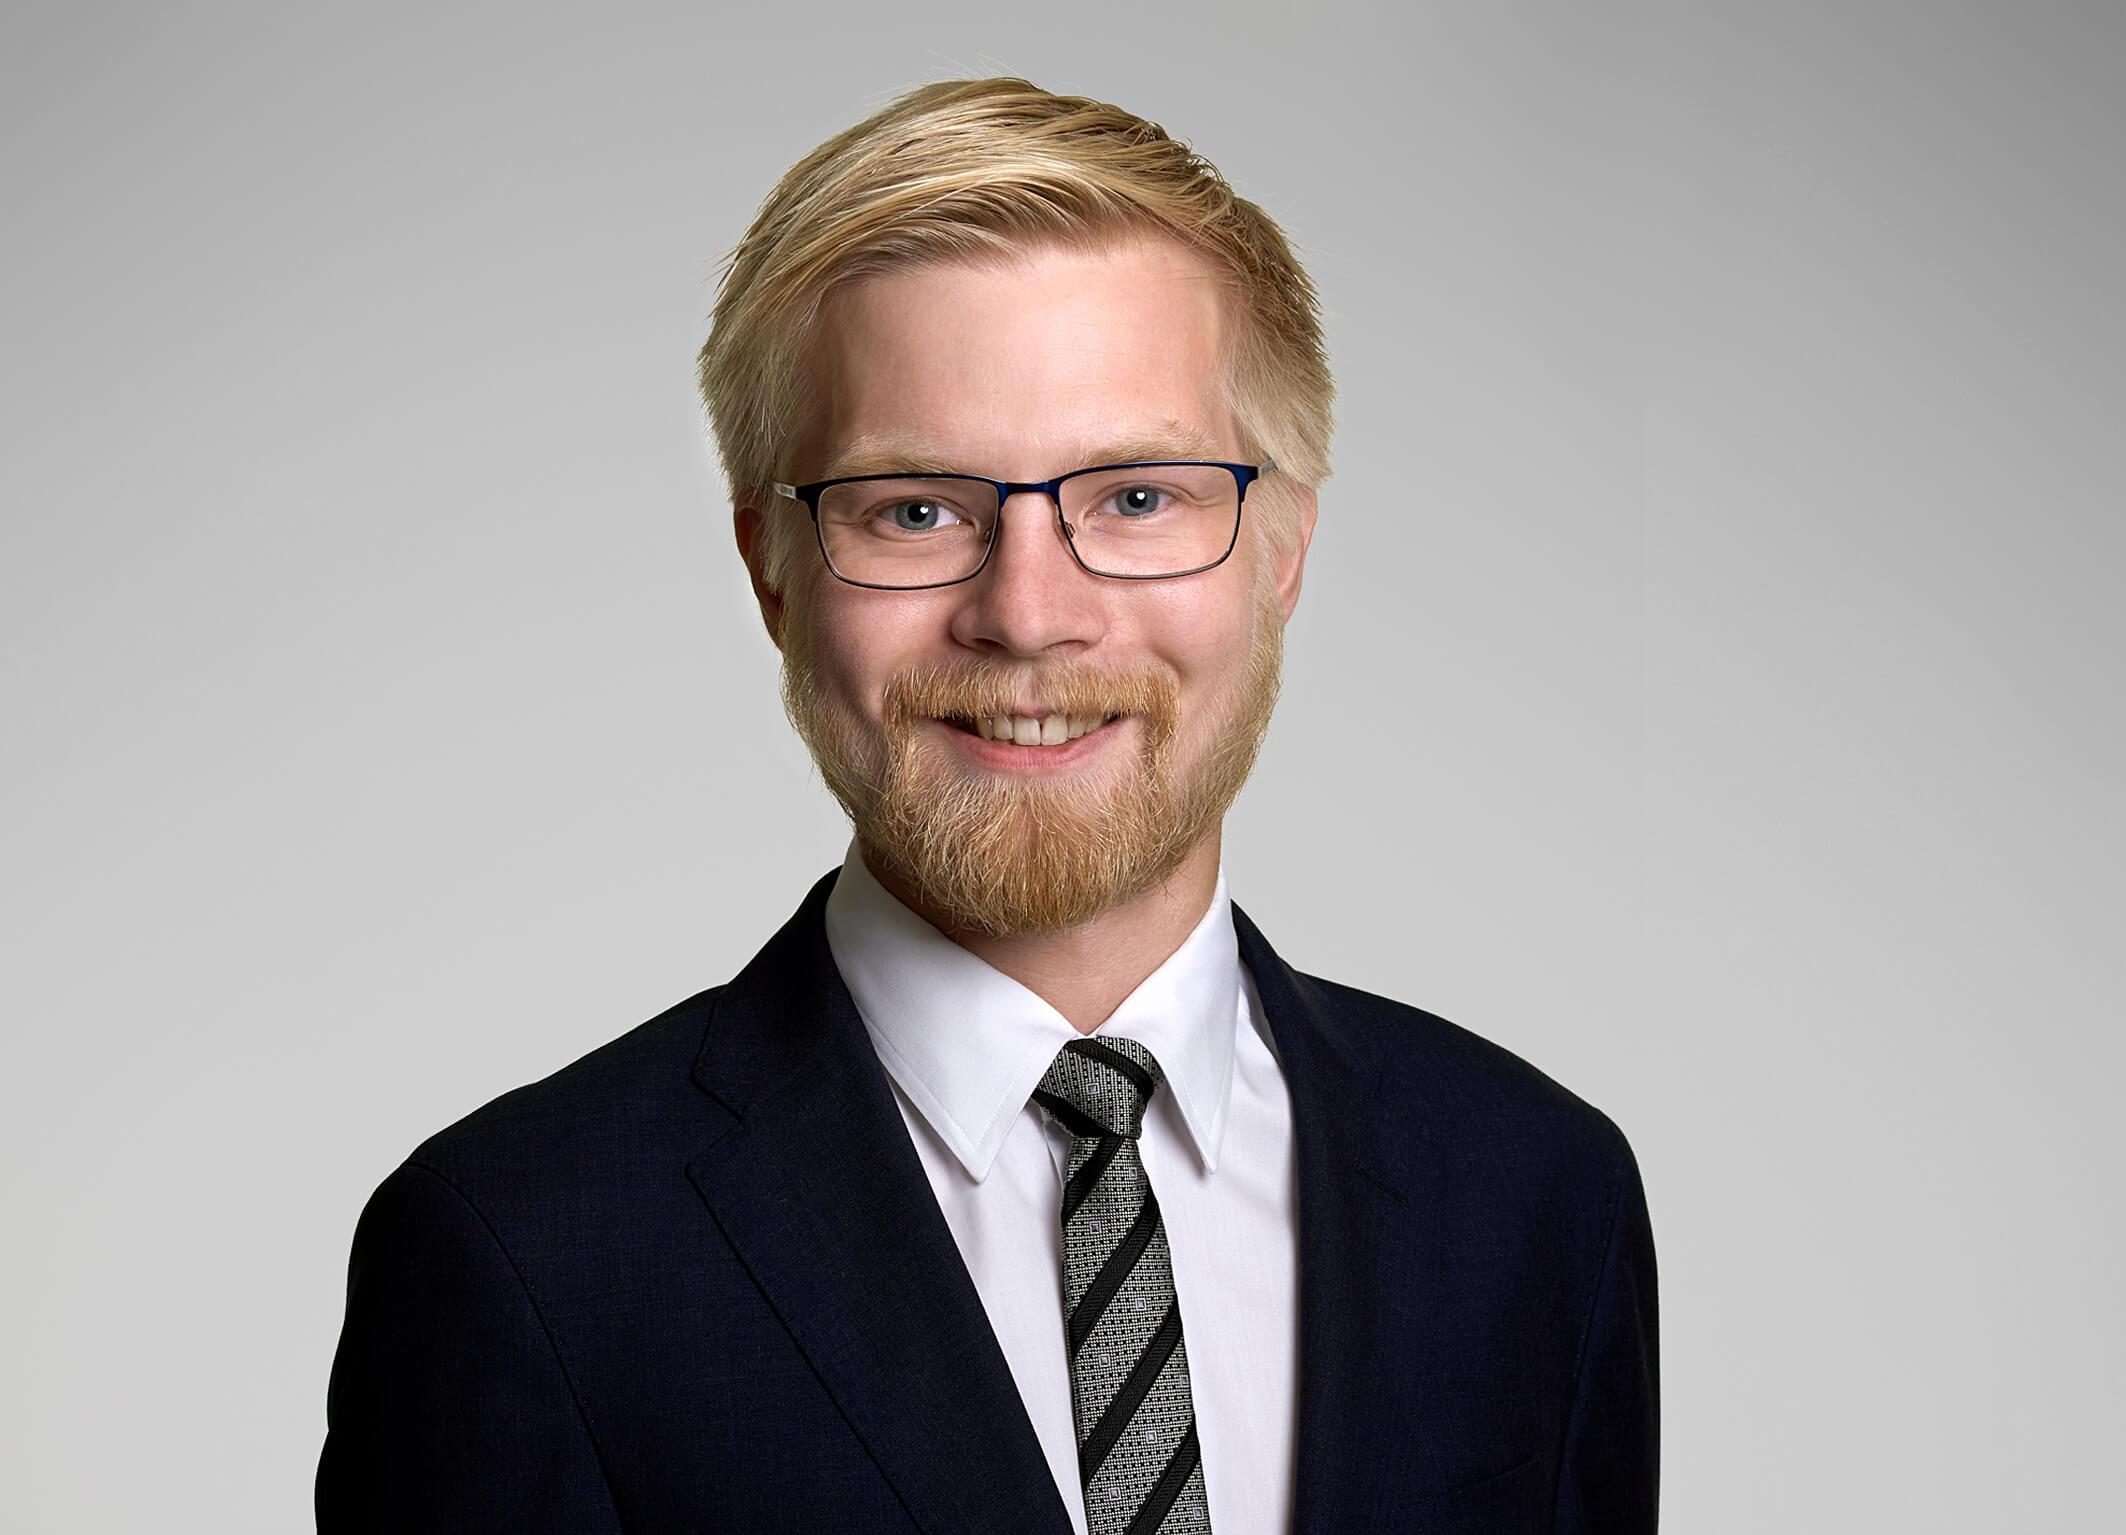 Vi gratulerer Henrik Myklebust med advokatbevilling!